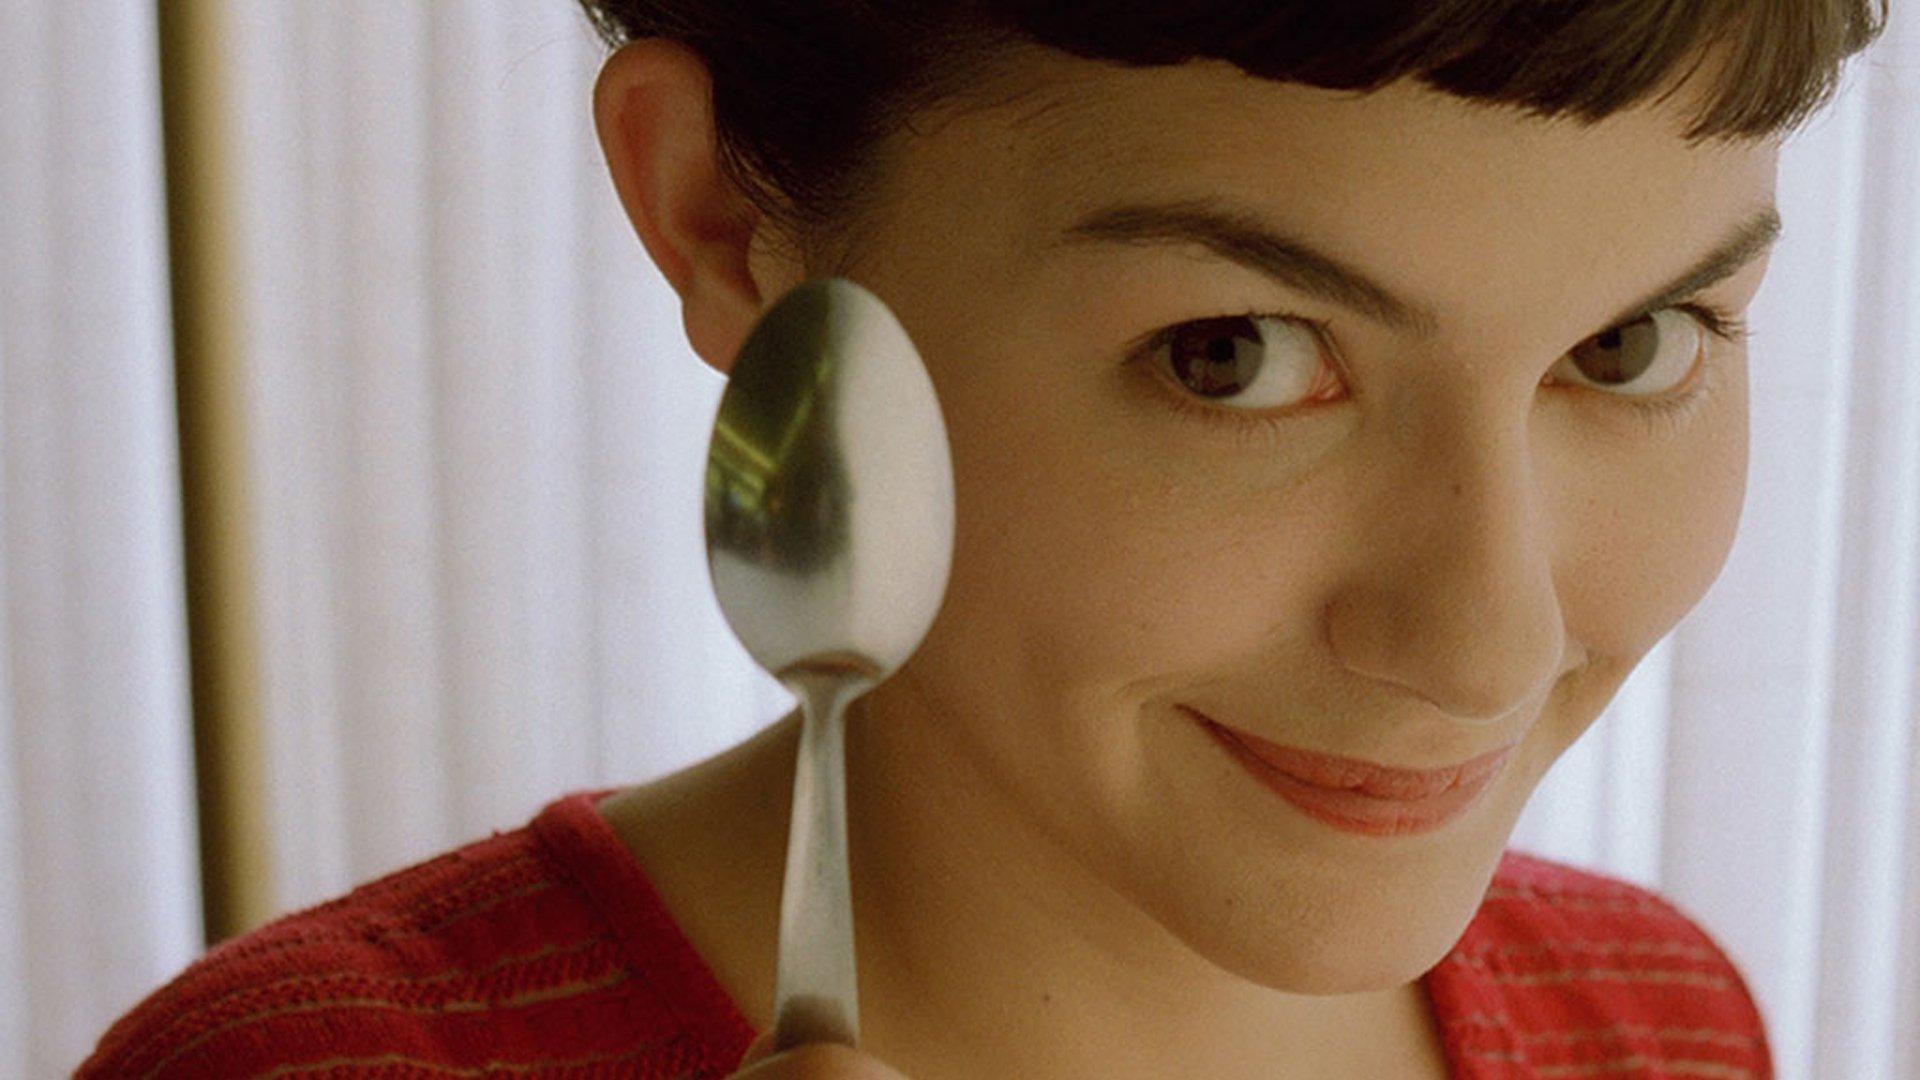 Audrey Tautou - Le Fabuleux Destin d'Amélie Poulain